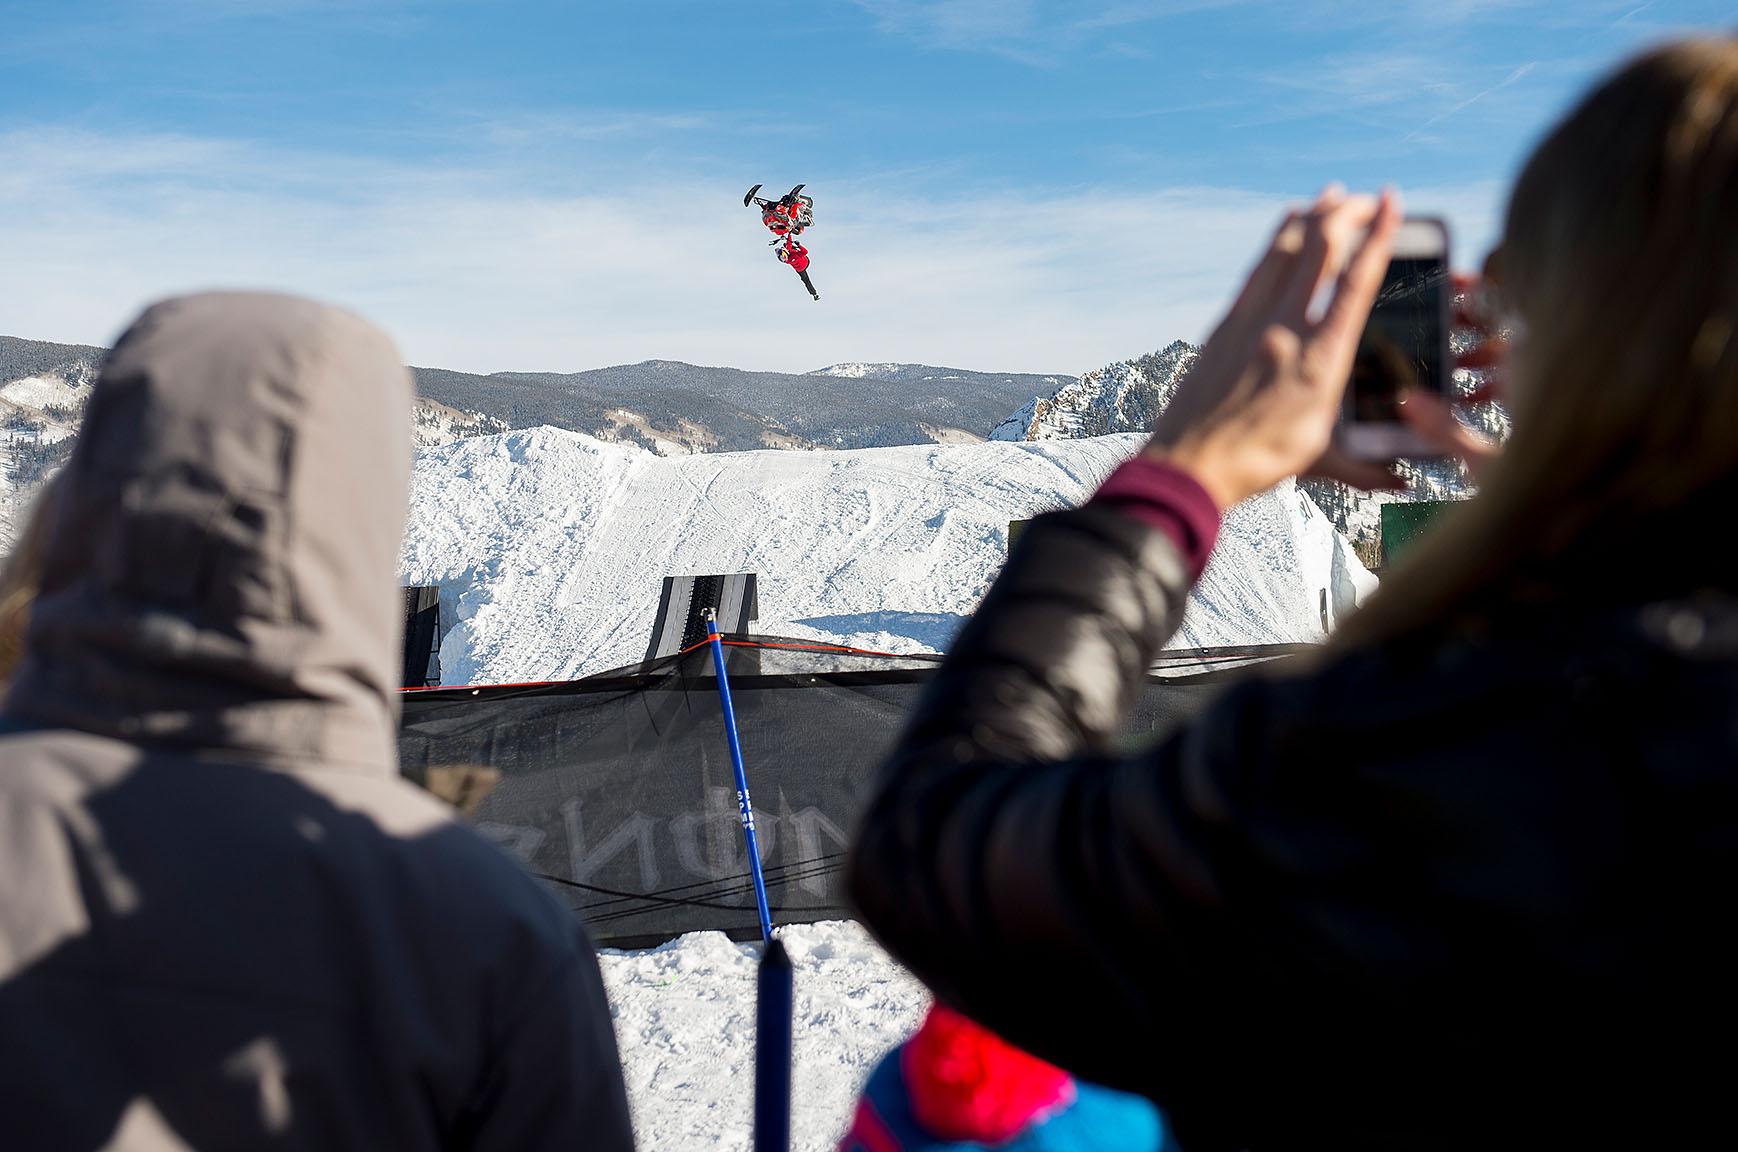 Daniel Bodin, Snowmobile Best Trick